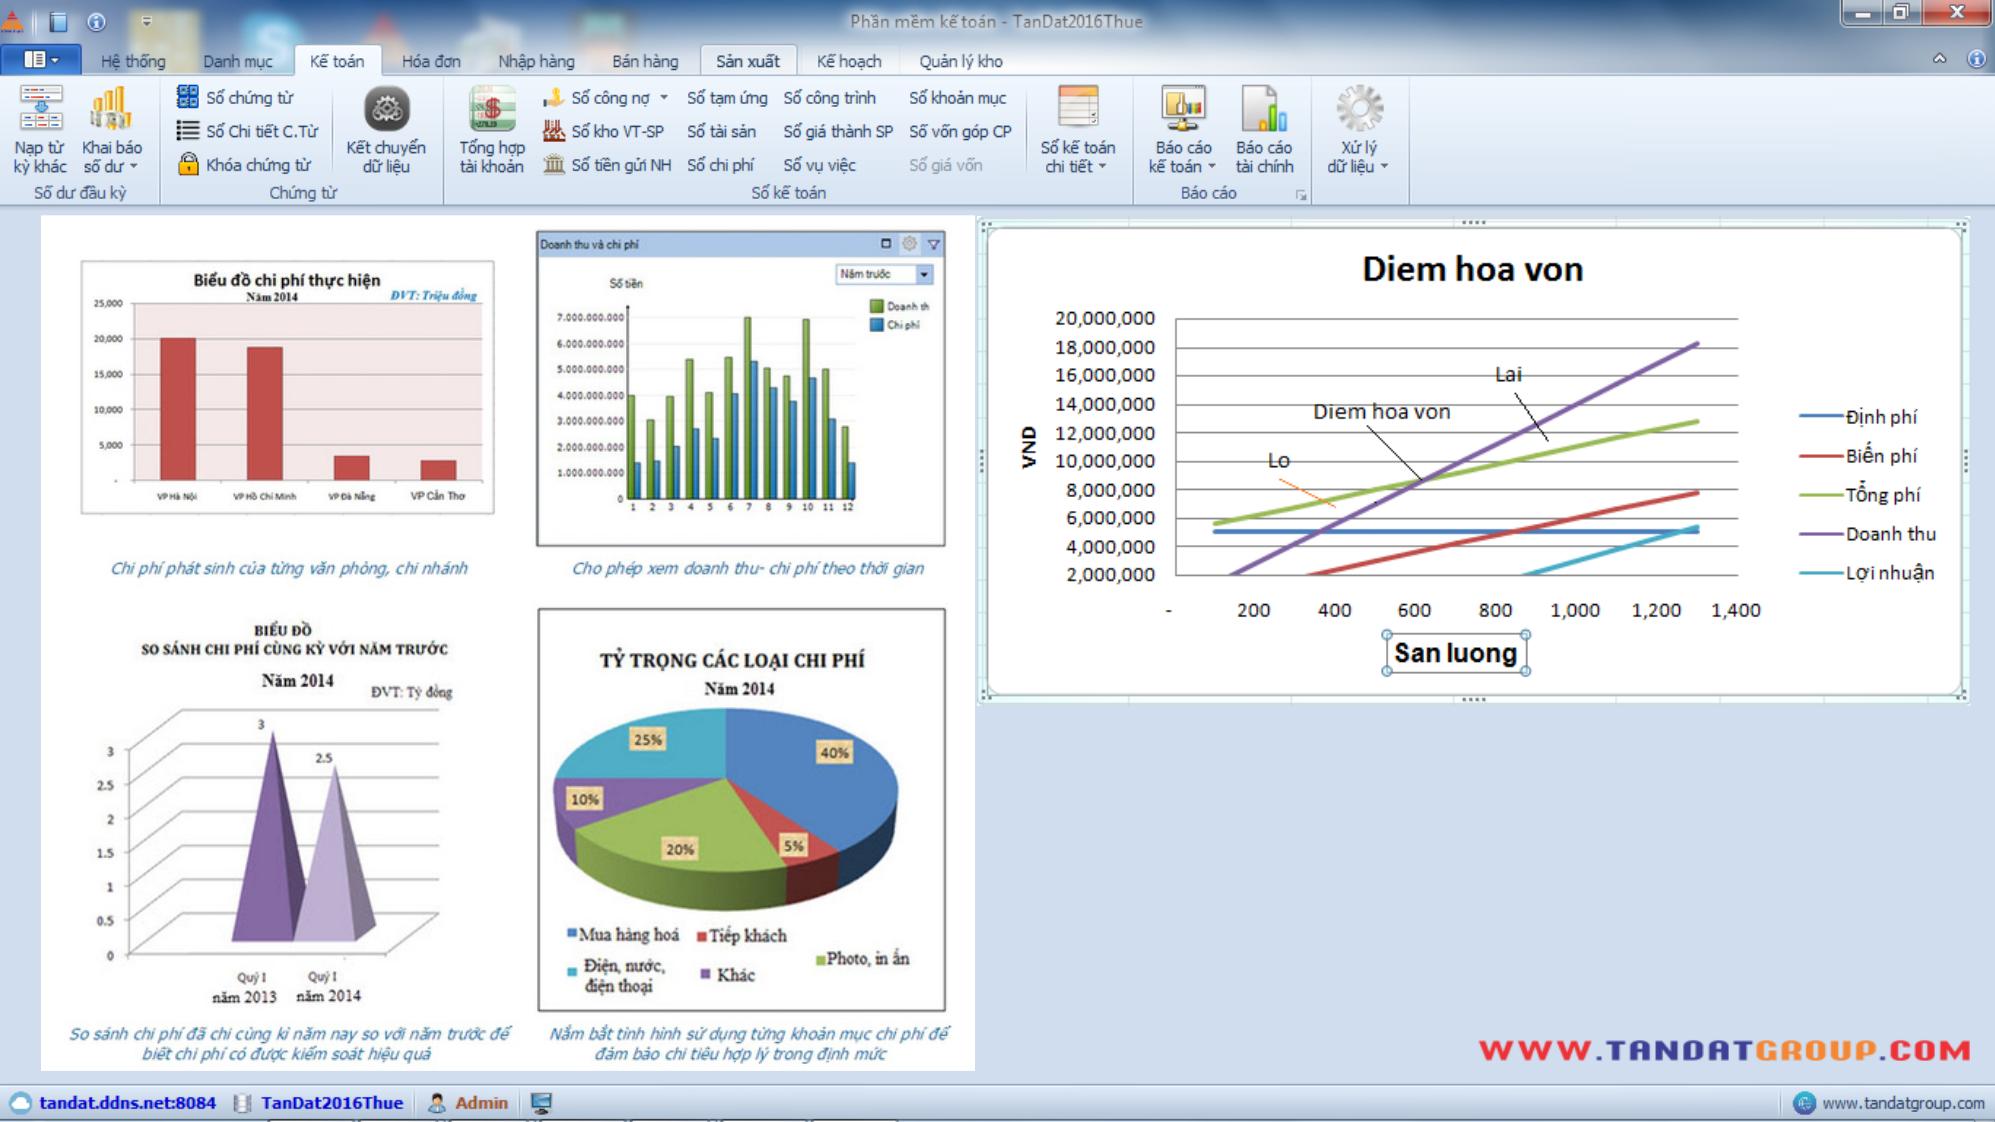 HDSD_PMQLBH và KTOAN_Cibos_Bai0007_Giới thiệu chức năng của các công cụ trong phần mềm (P1)